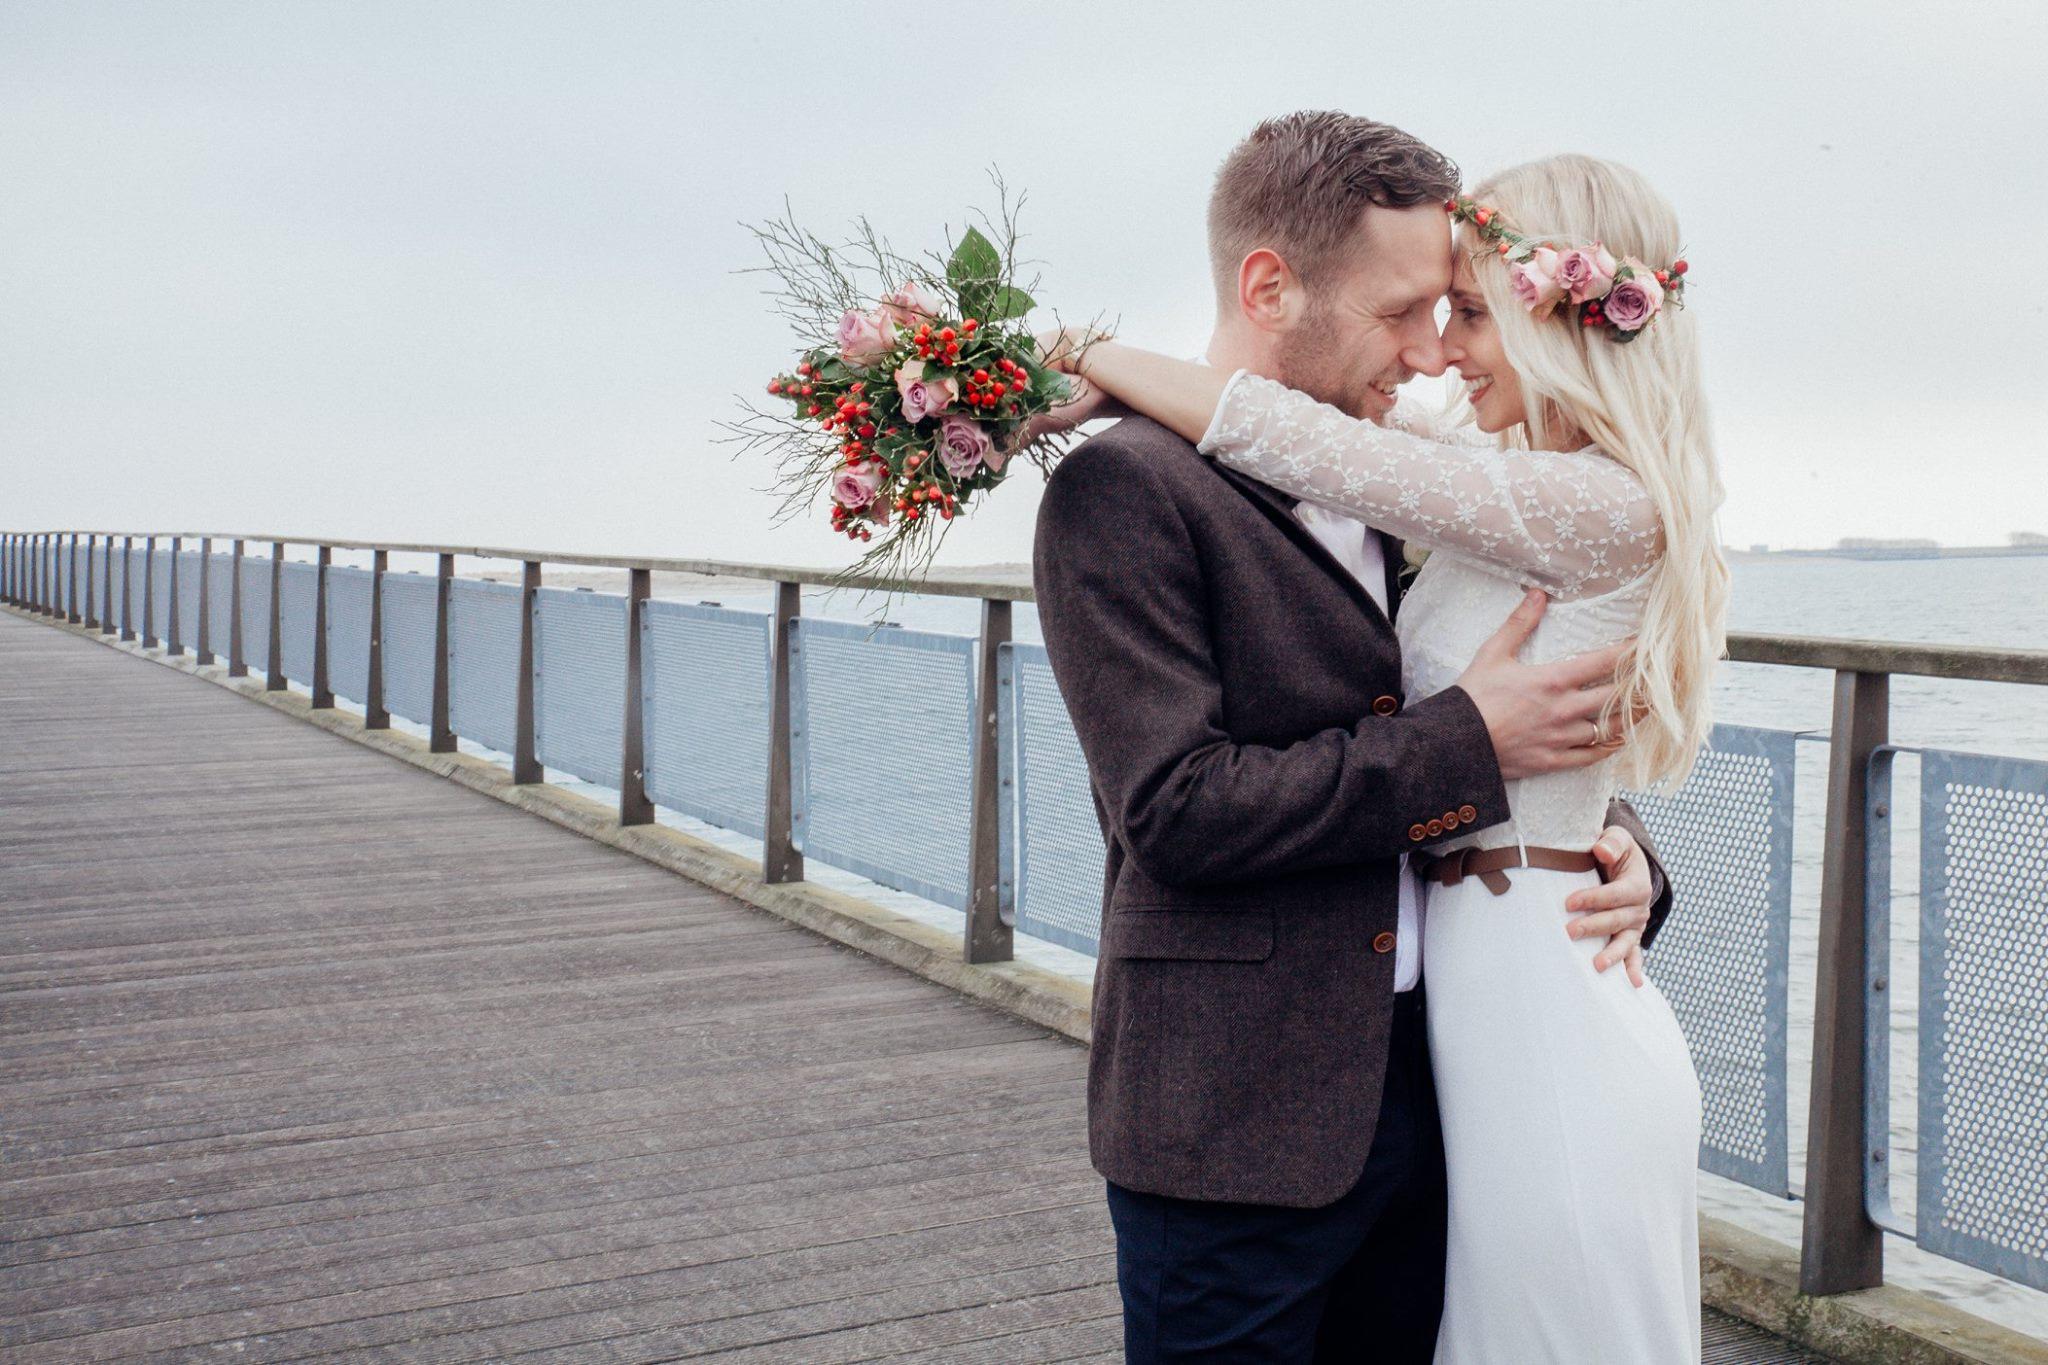 Wedding-in-Denmark-Marriage-Copenhagen-Photographers-5